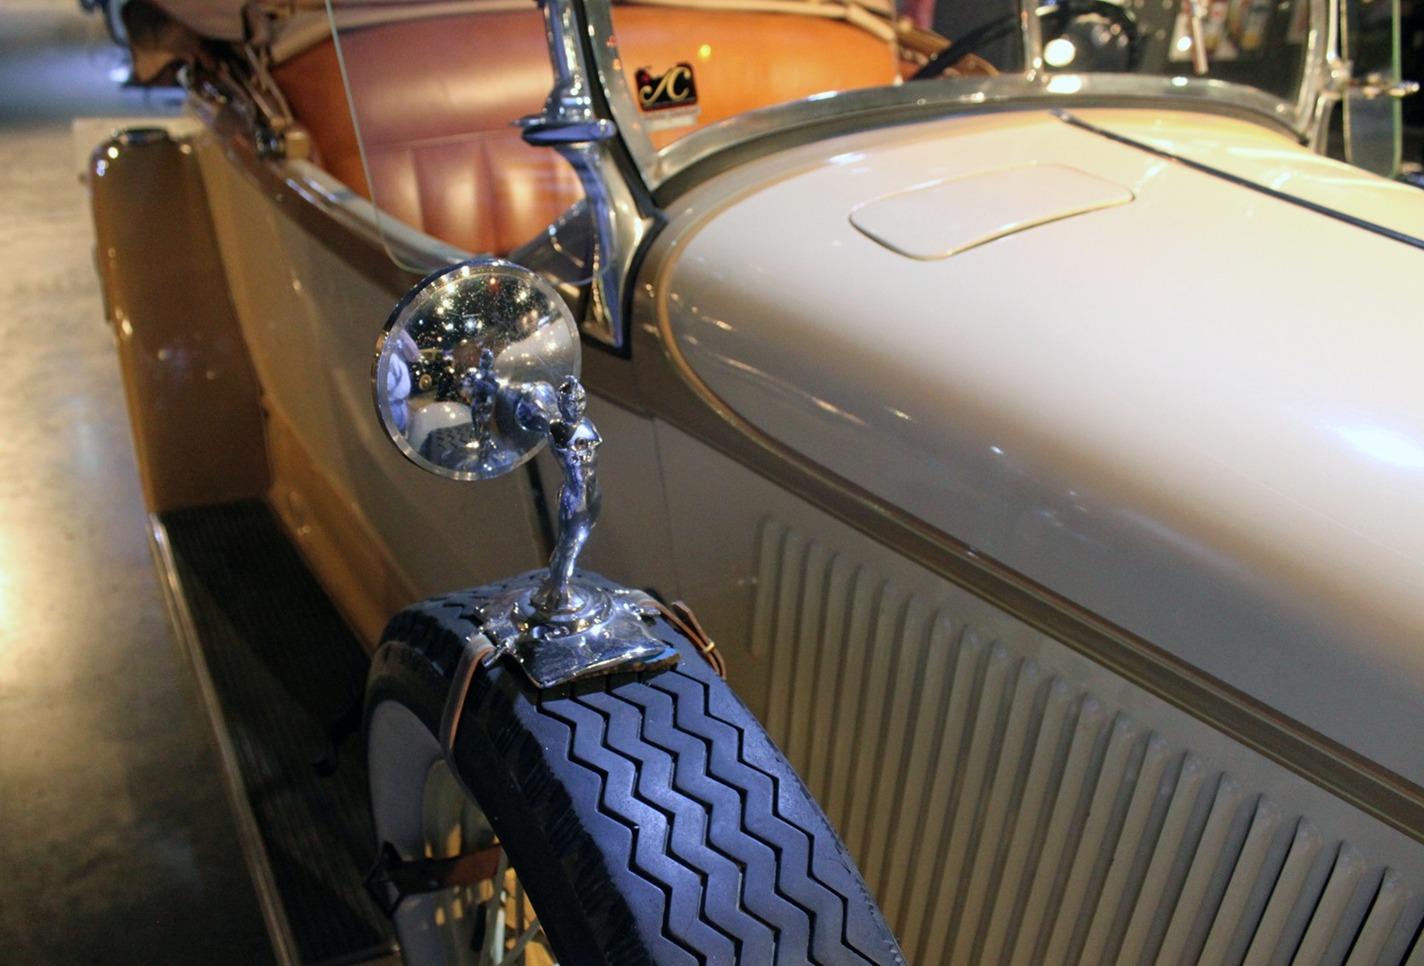 Auto World Museum in Fulton, Mo